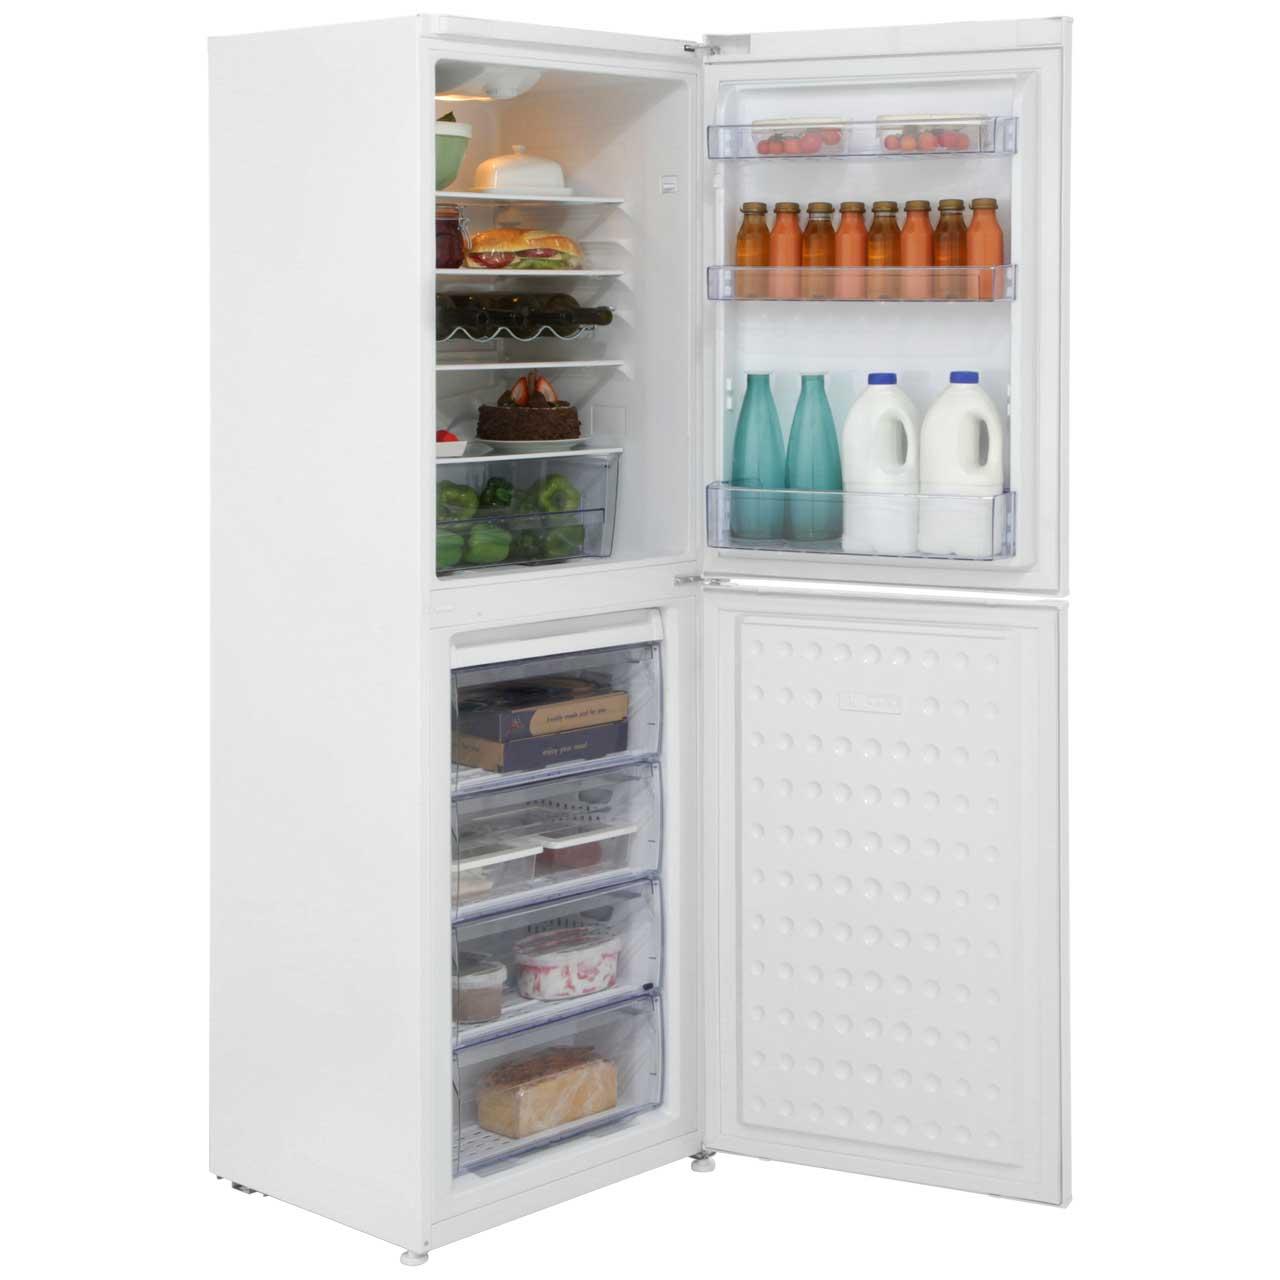 Beko Fridge Freezer Cs6914ap